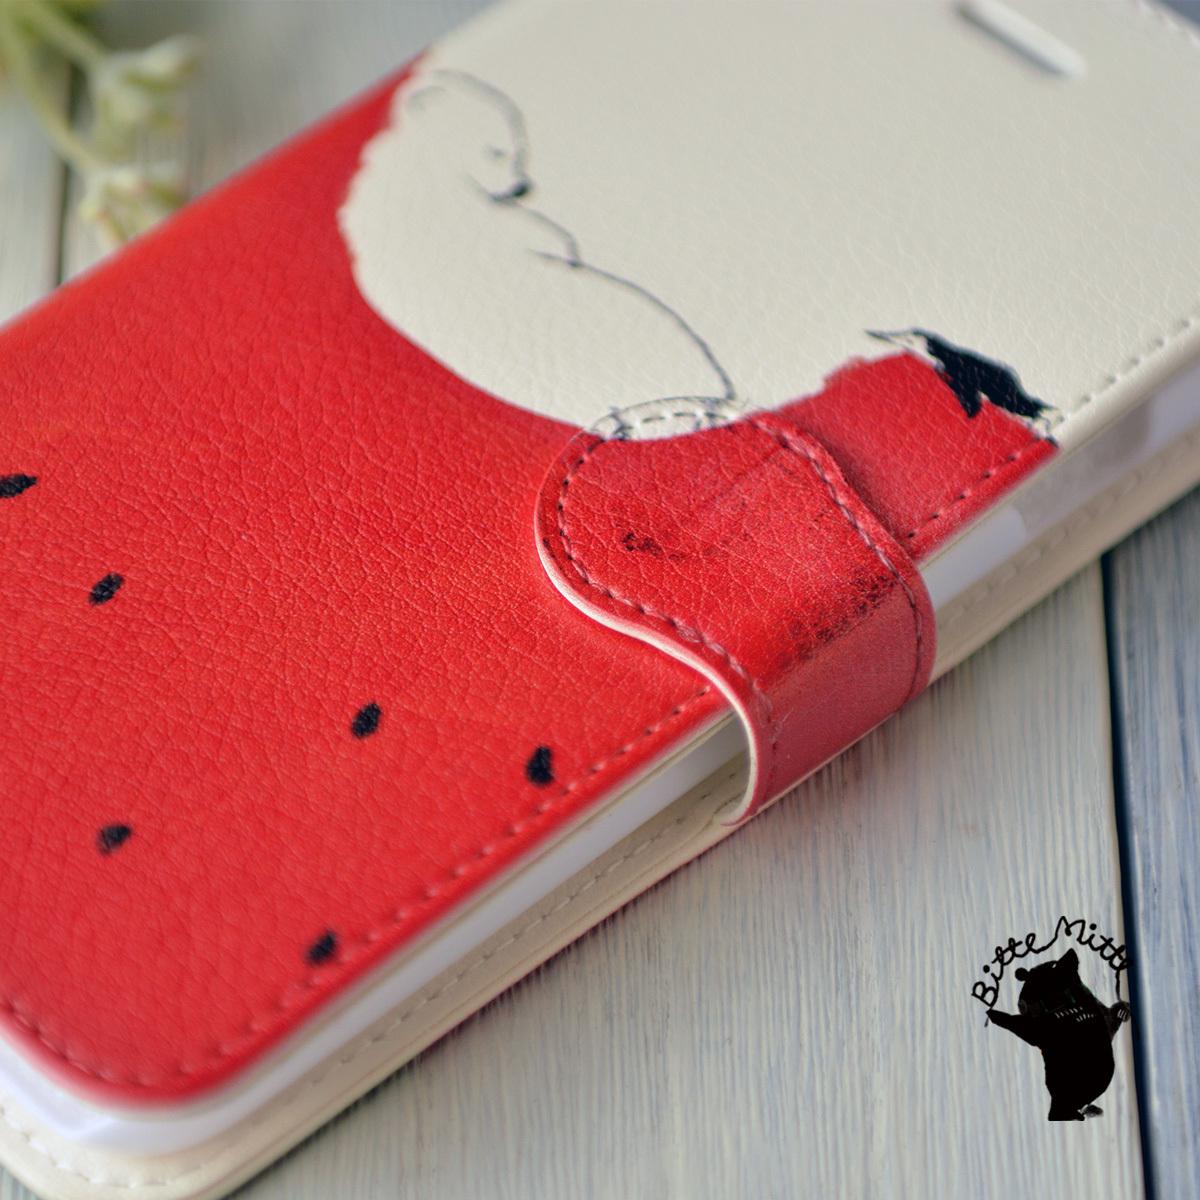 【訳あり】iphone8 ケース 手帳 大人かわいい アイフォン8 ケース 手帳型 かわいい iphone8 ケース おしゃれ シンプル シロクマ しろくま 夏の真ん中で/Bitte Mitte!【bm-iph8t-09001-B1】